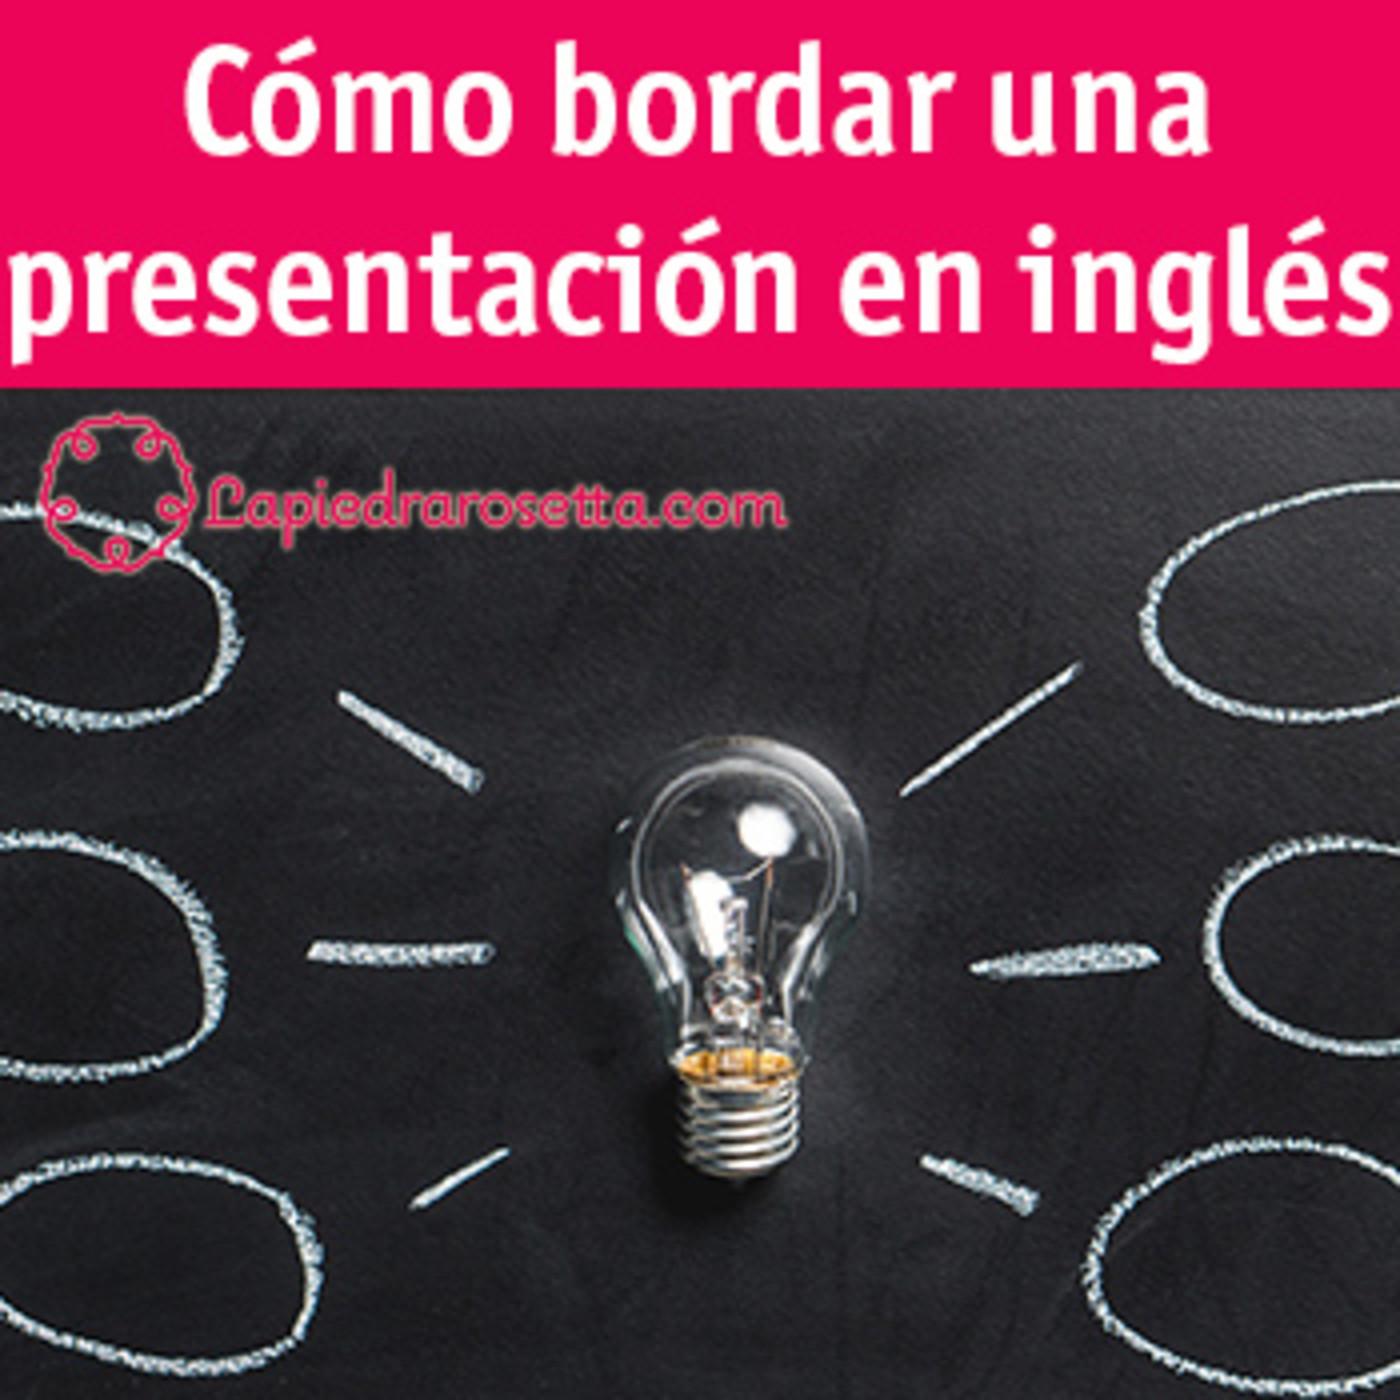 Cómo bordar una presentación en inglés